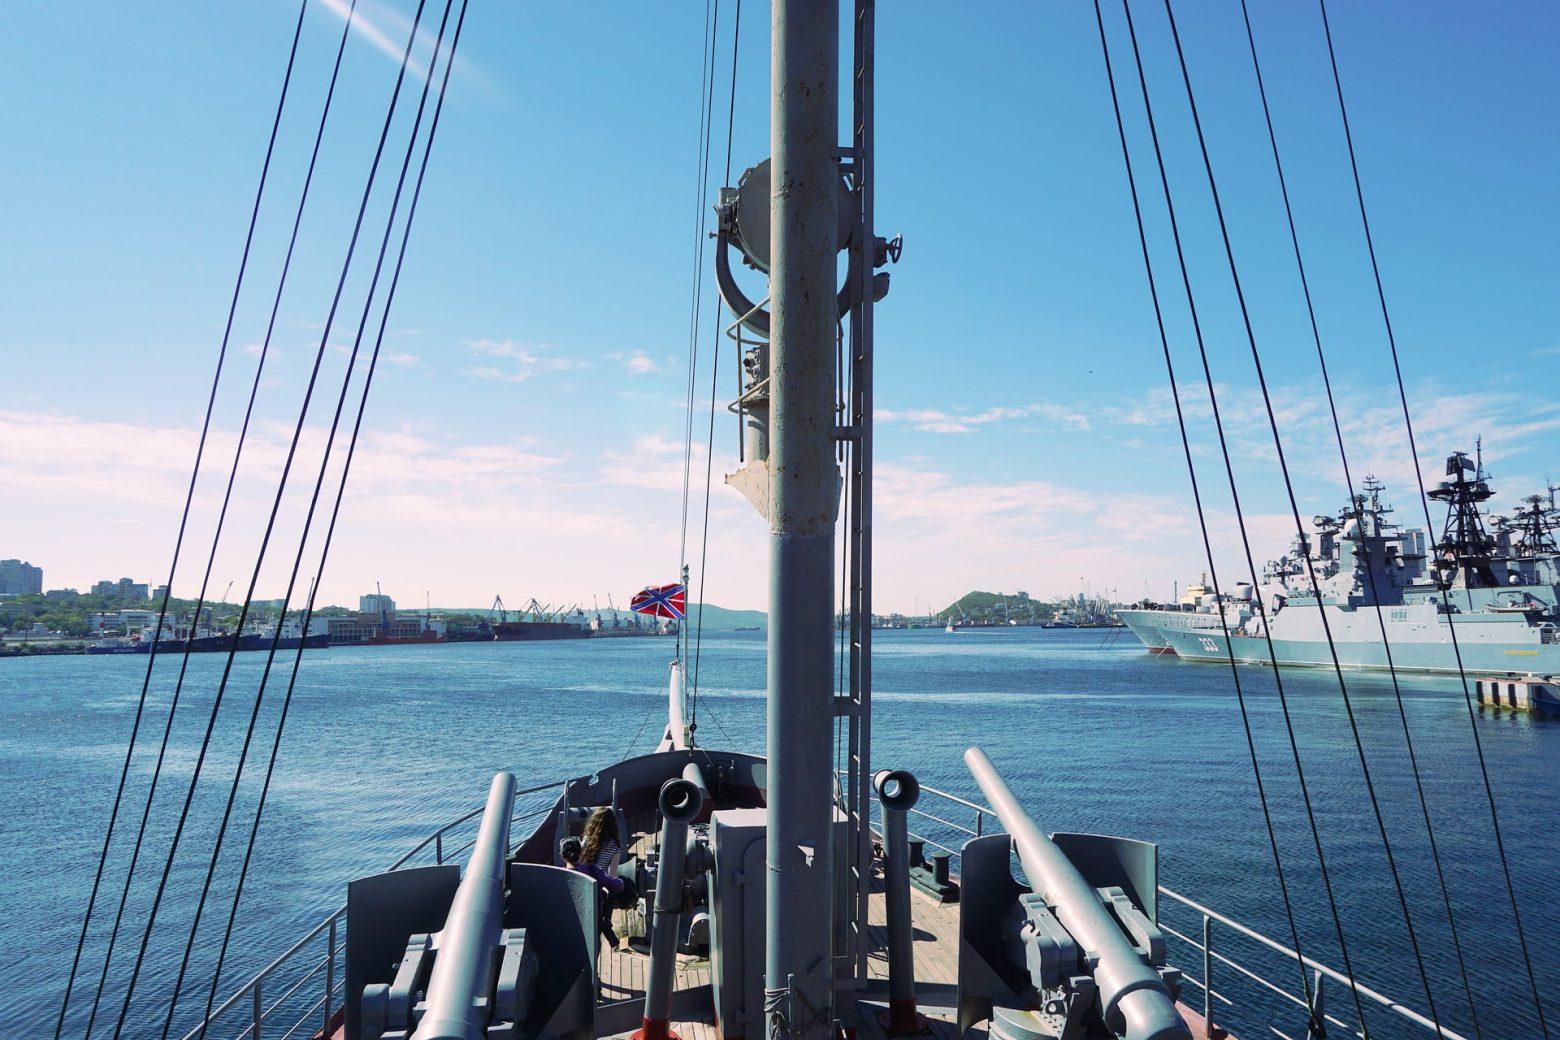 Søfartsmuseet